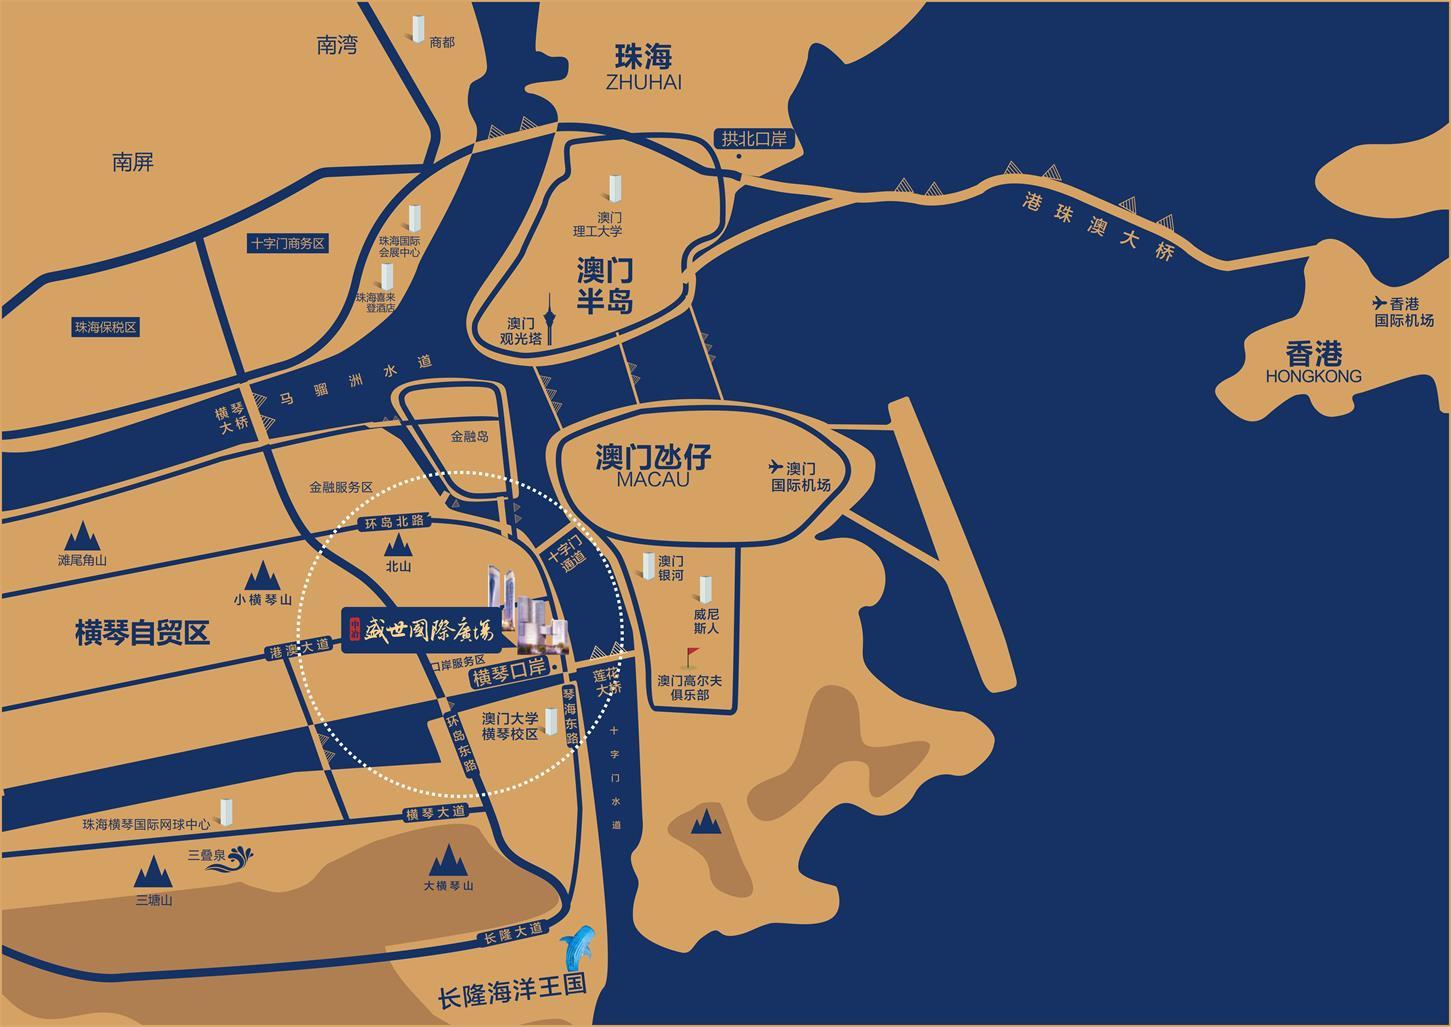 中冶盛世国际广场交通图